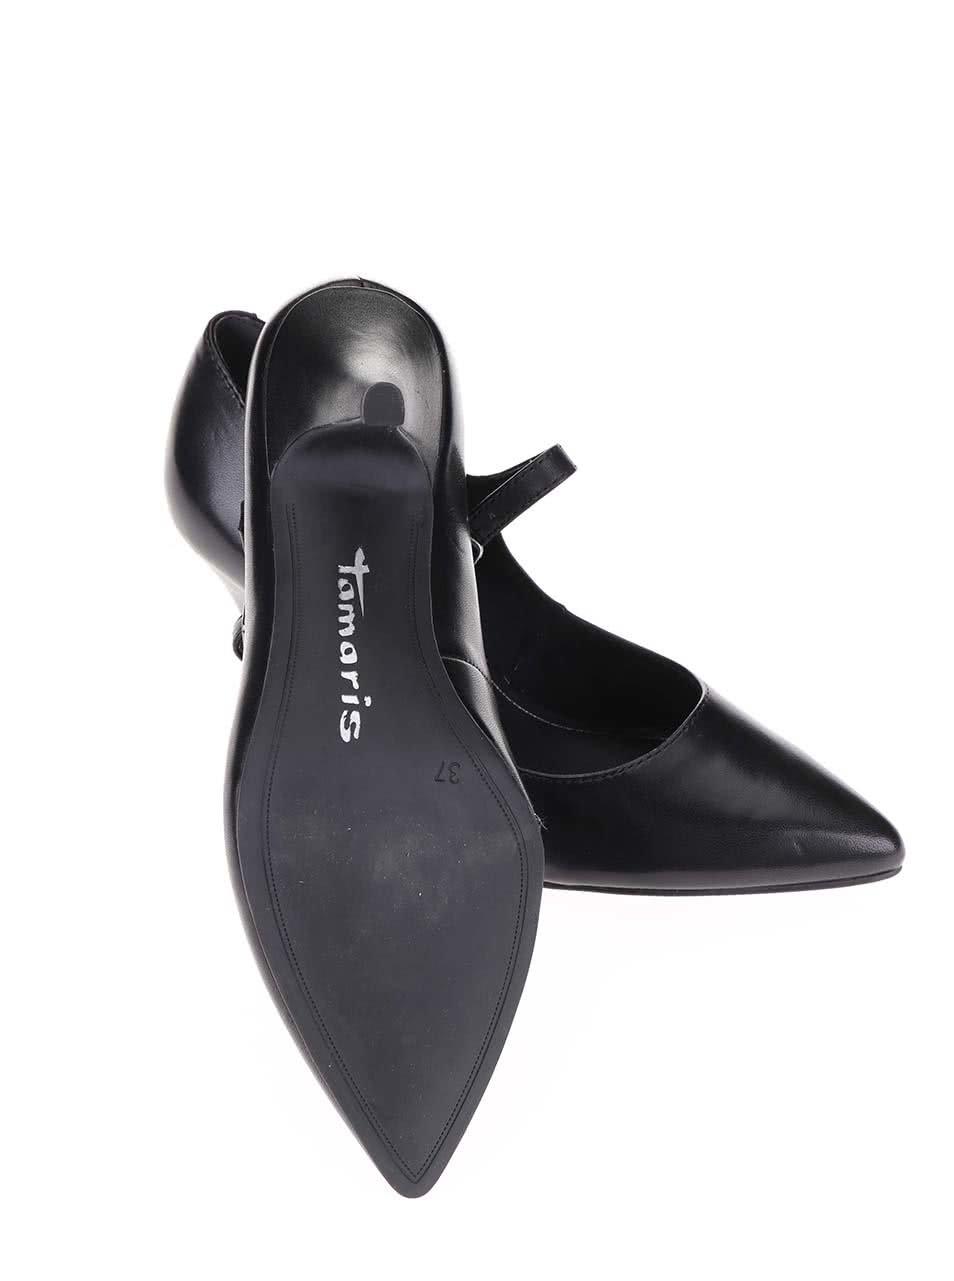 Černé kožené páskové lodičky na podpatku Tamaris ... 5b70706c01